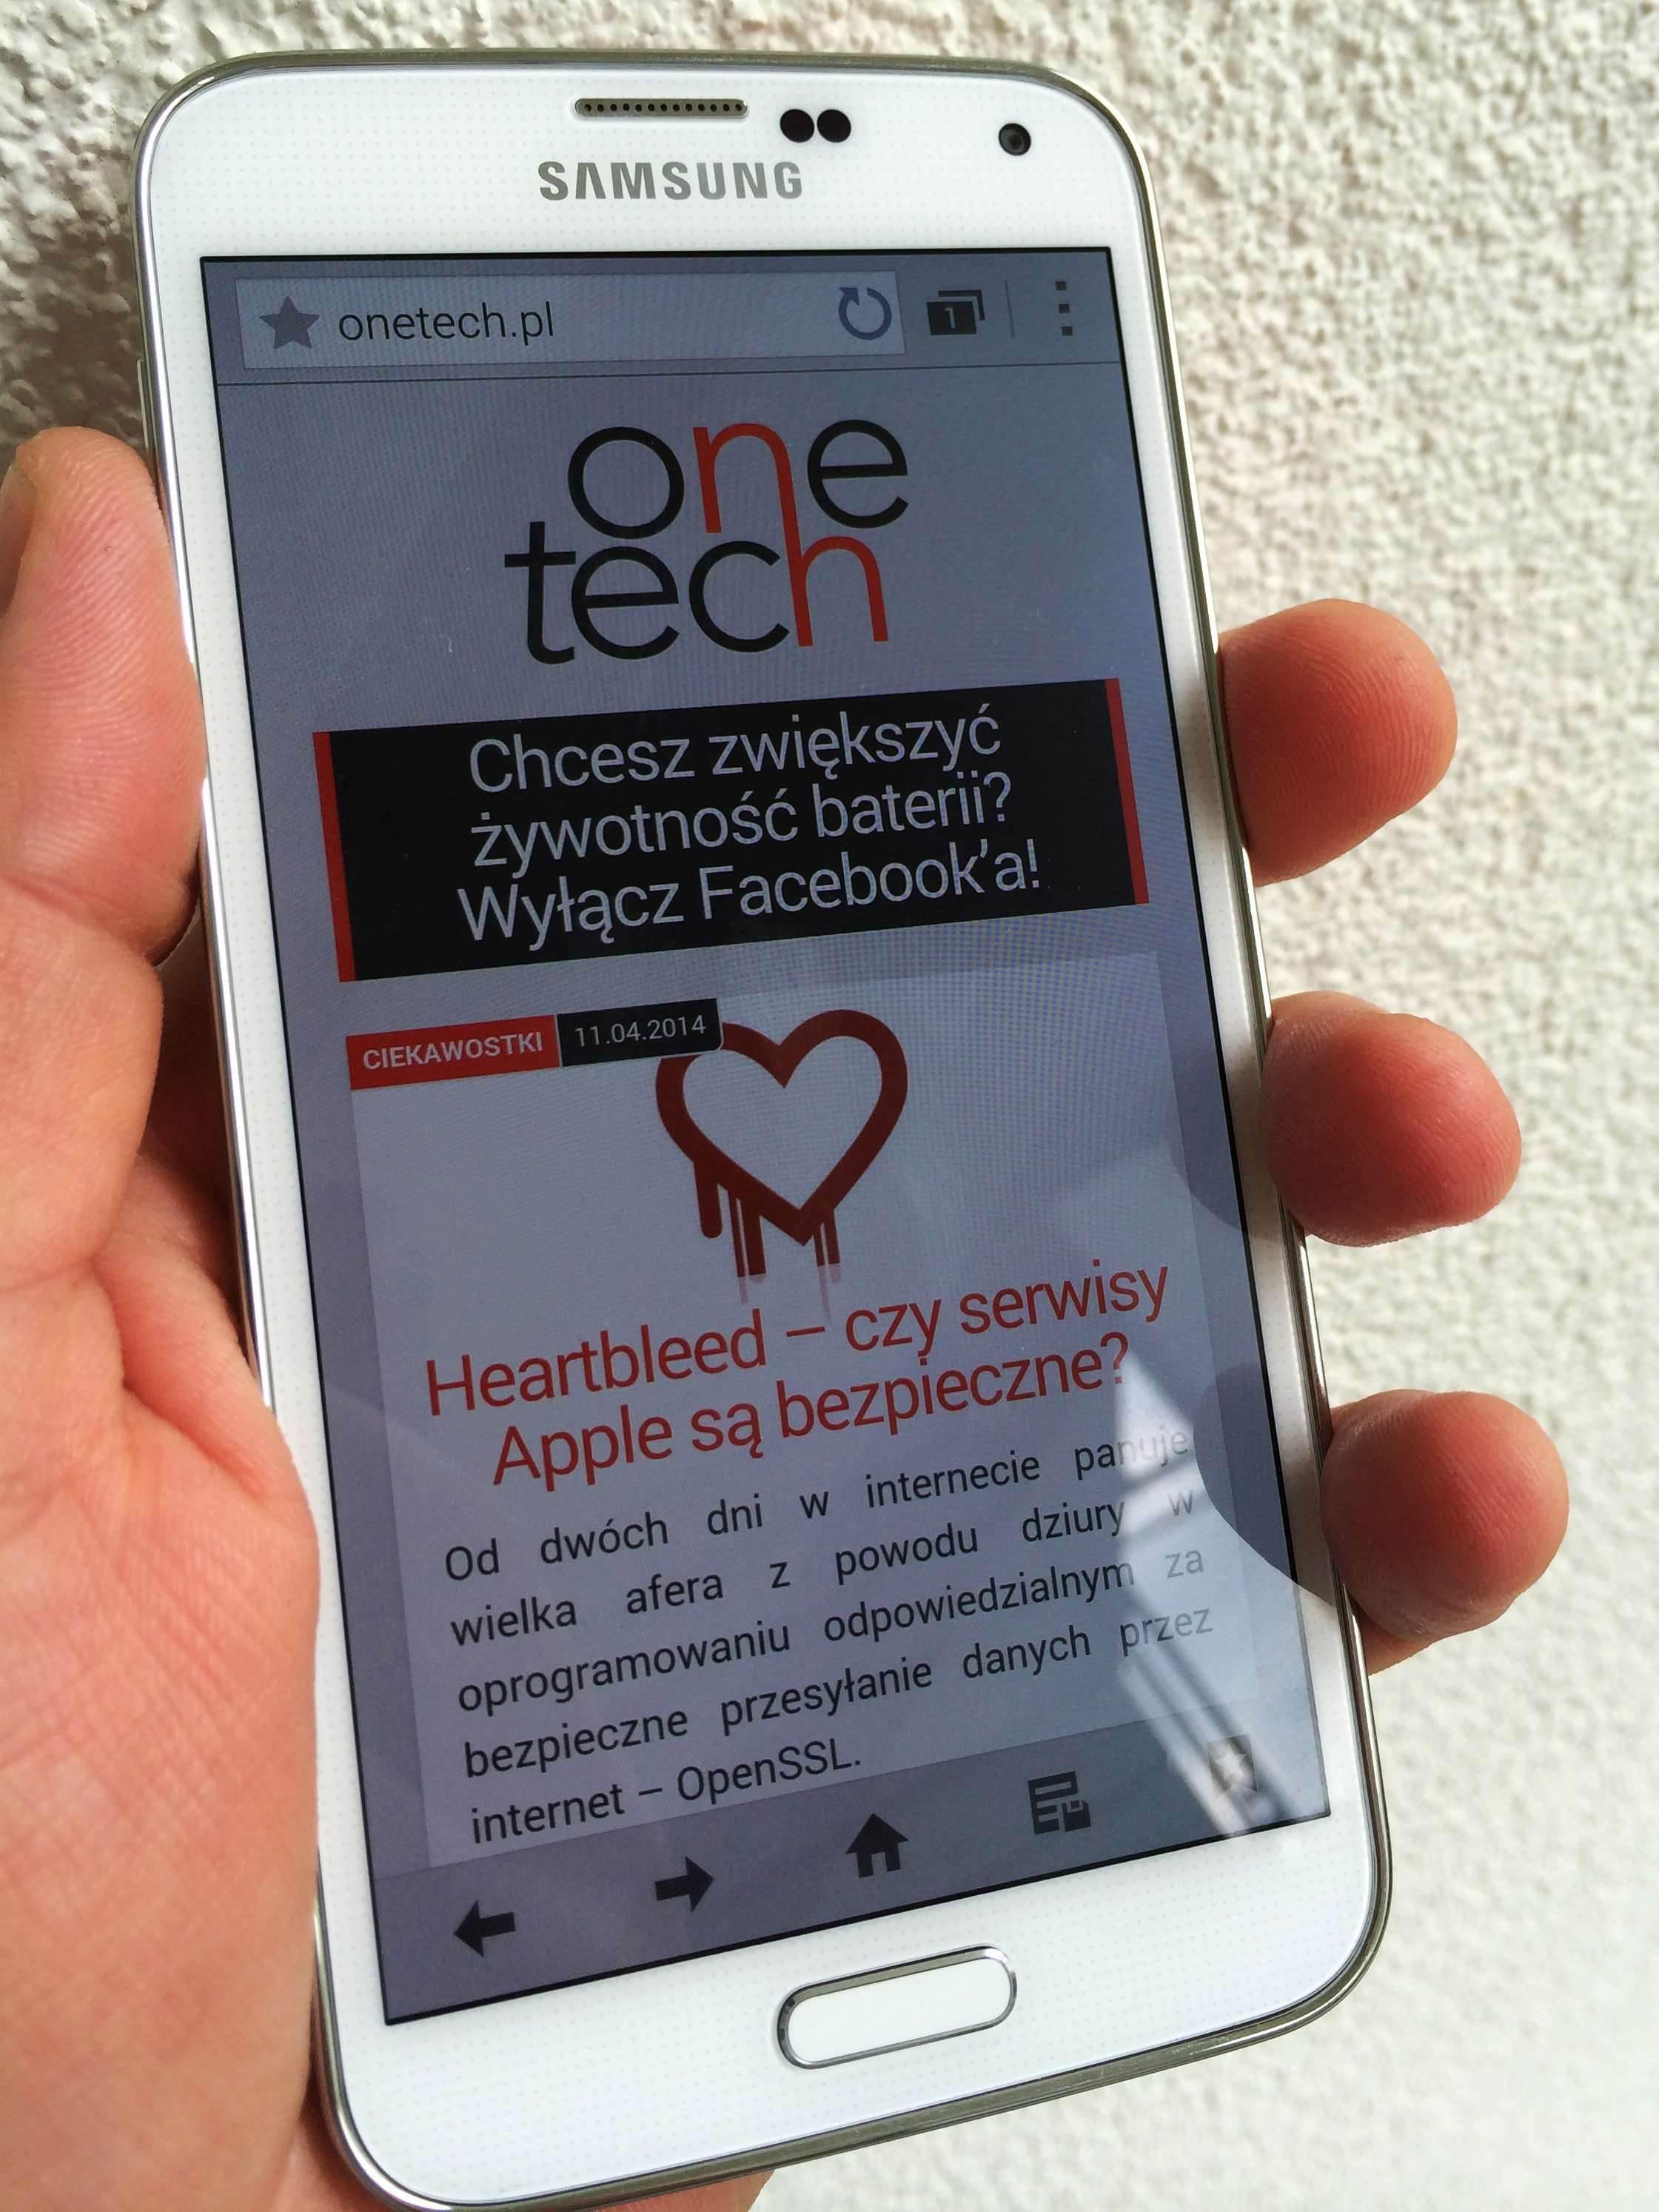 SG5.onetech.pl